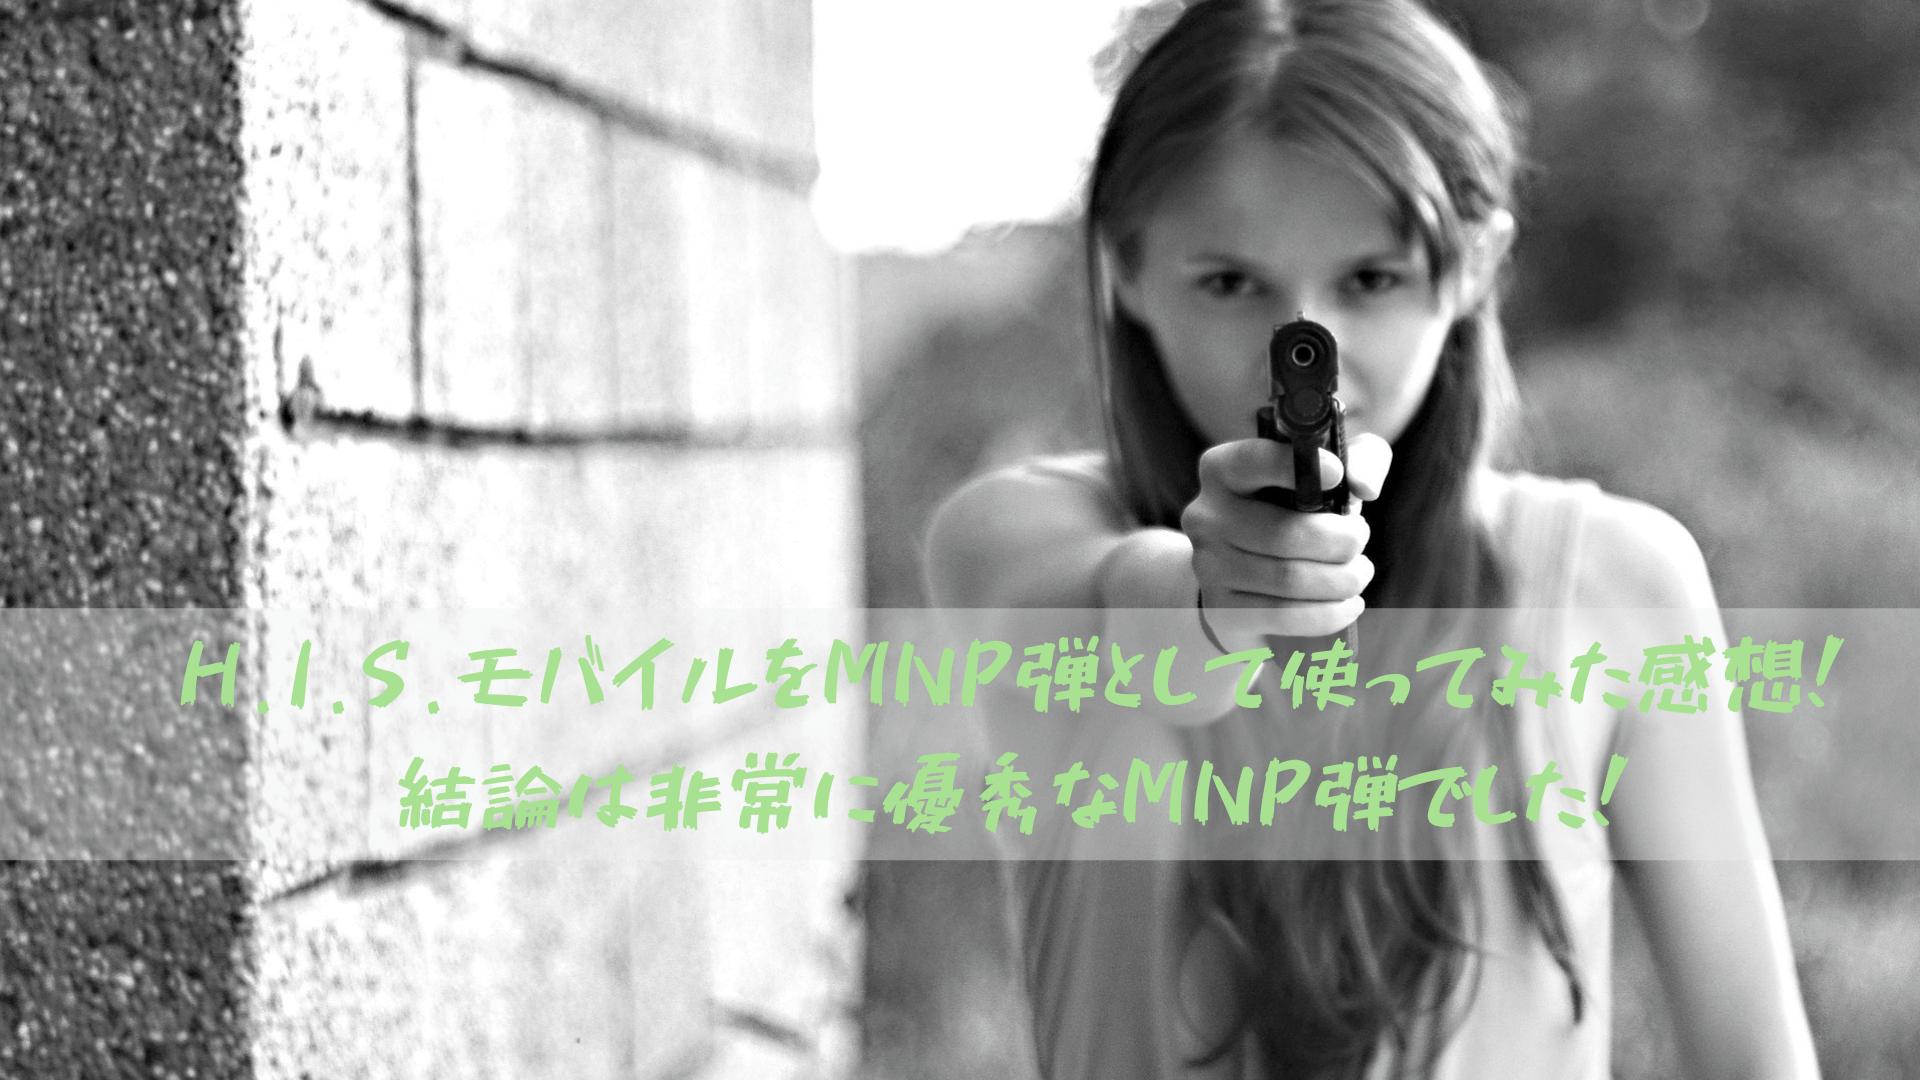 H.I.SモバイルをMNP弾として使ってみた感想!結論は非常に優秀なMNP弾でした!